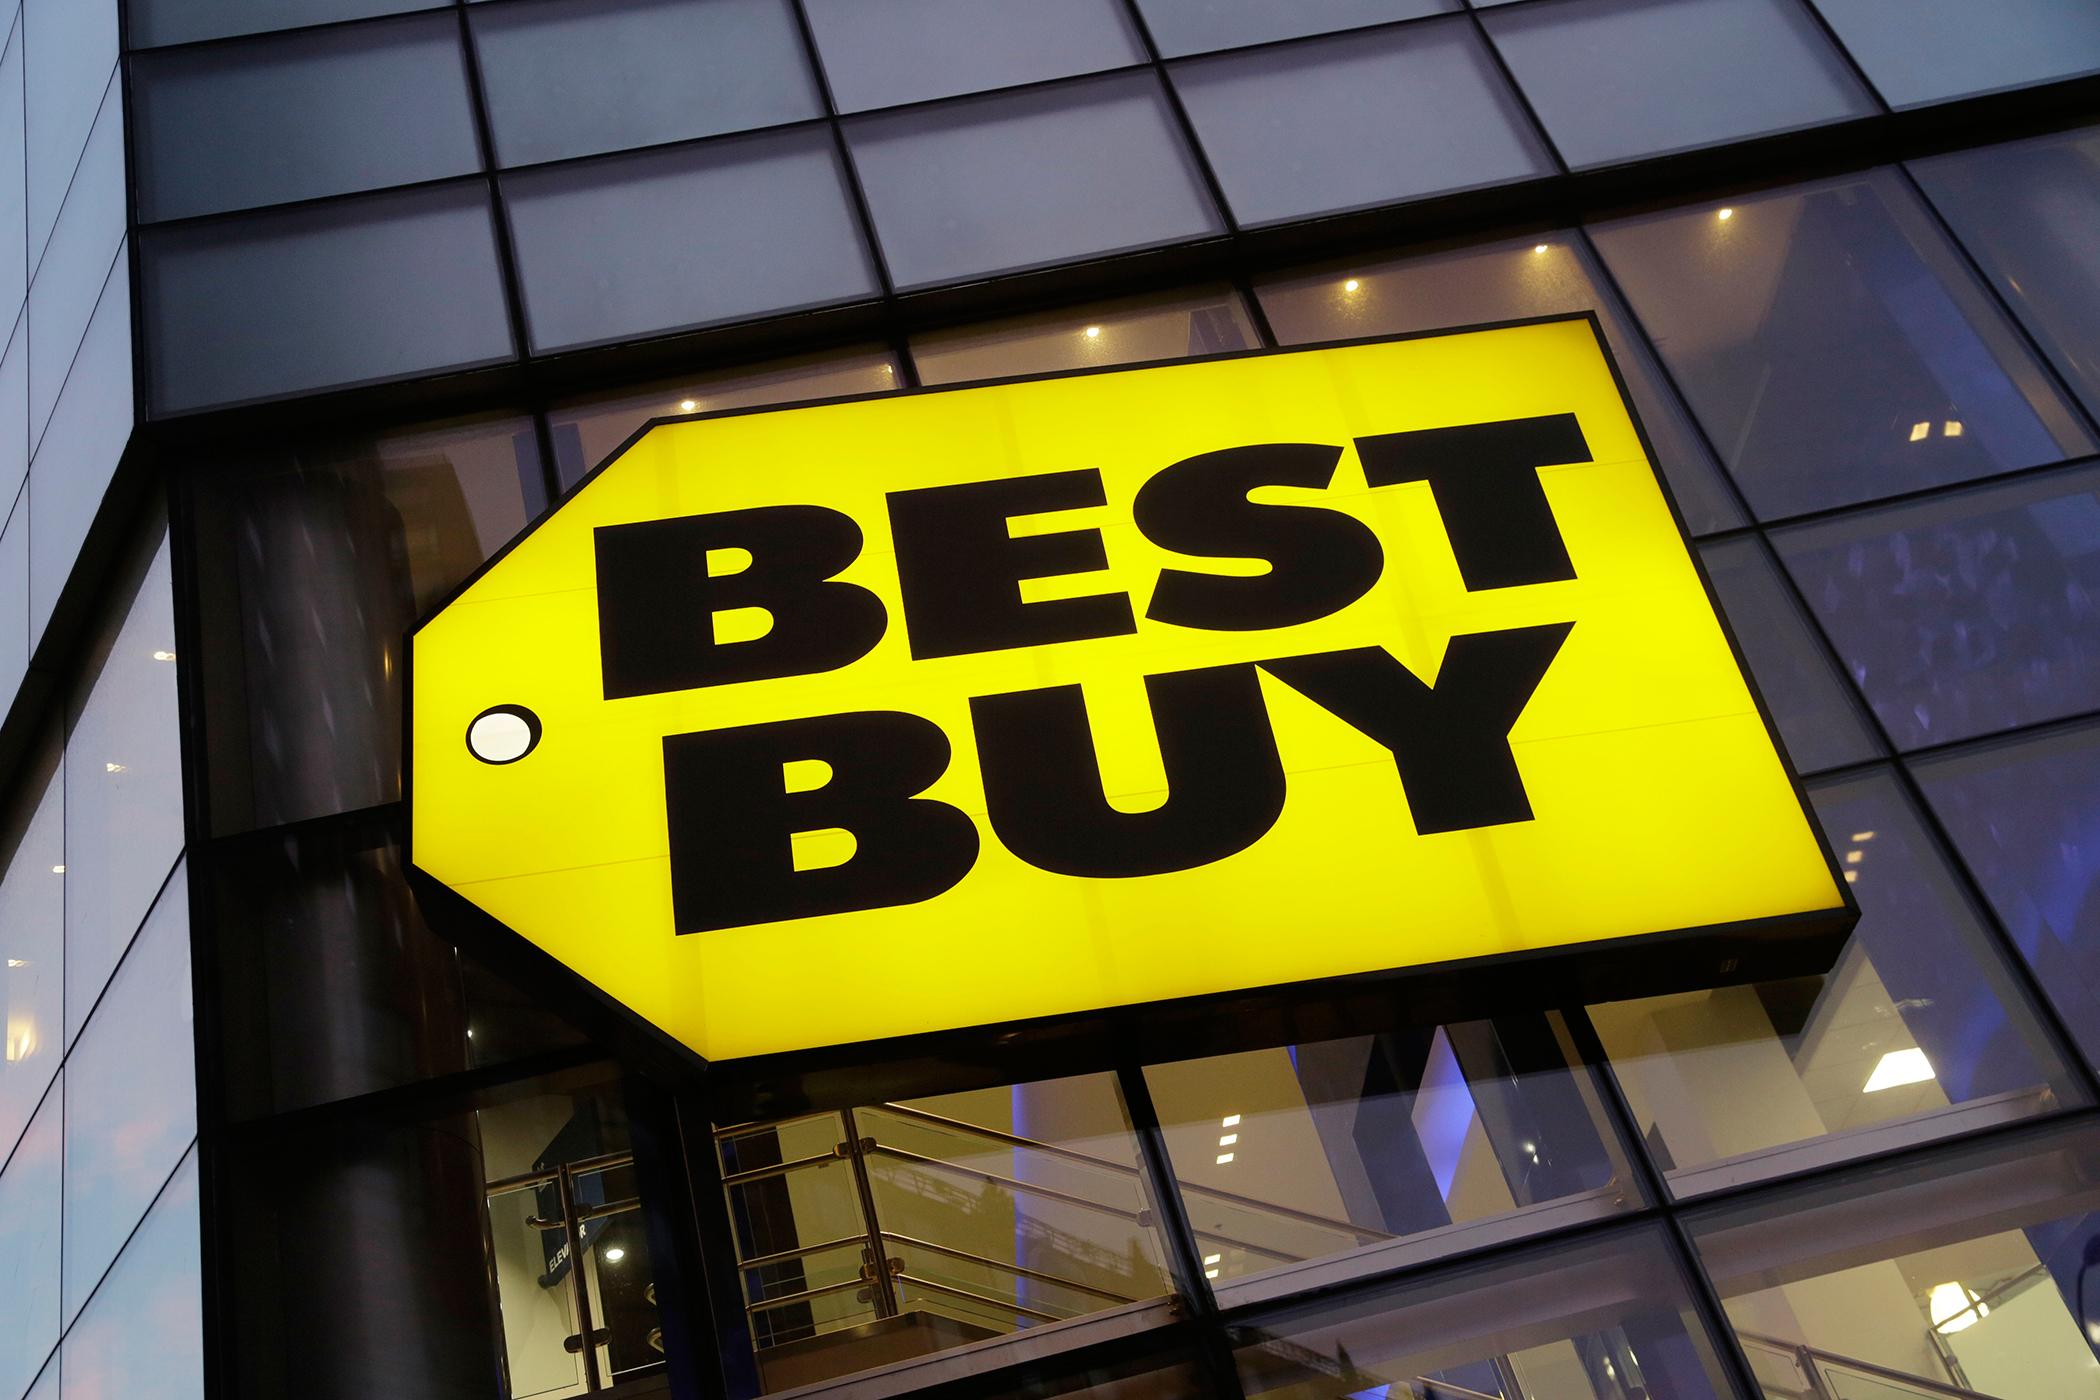 Best Buy sign